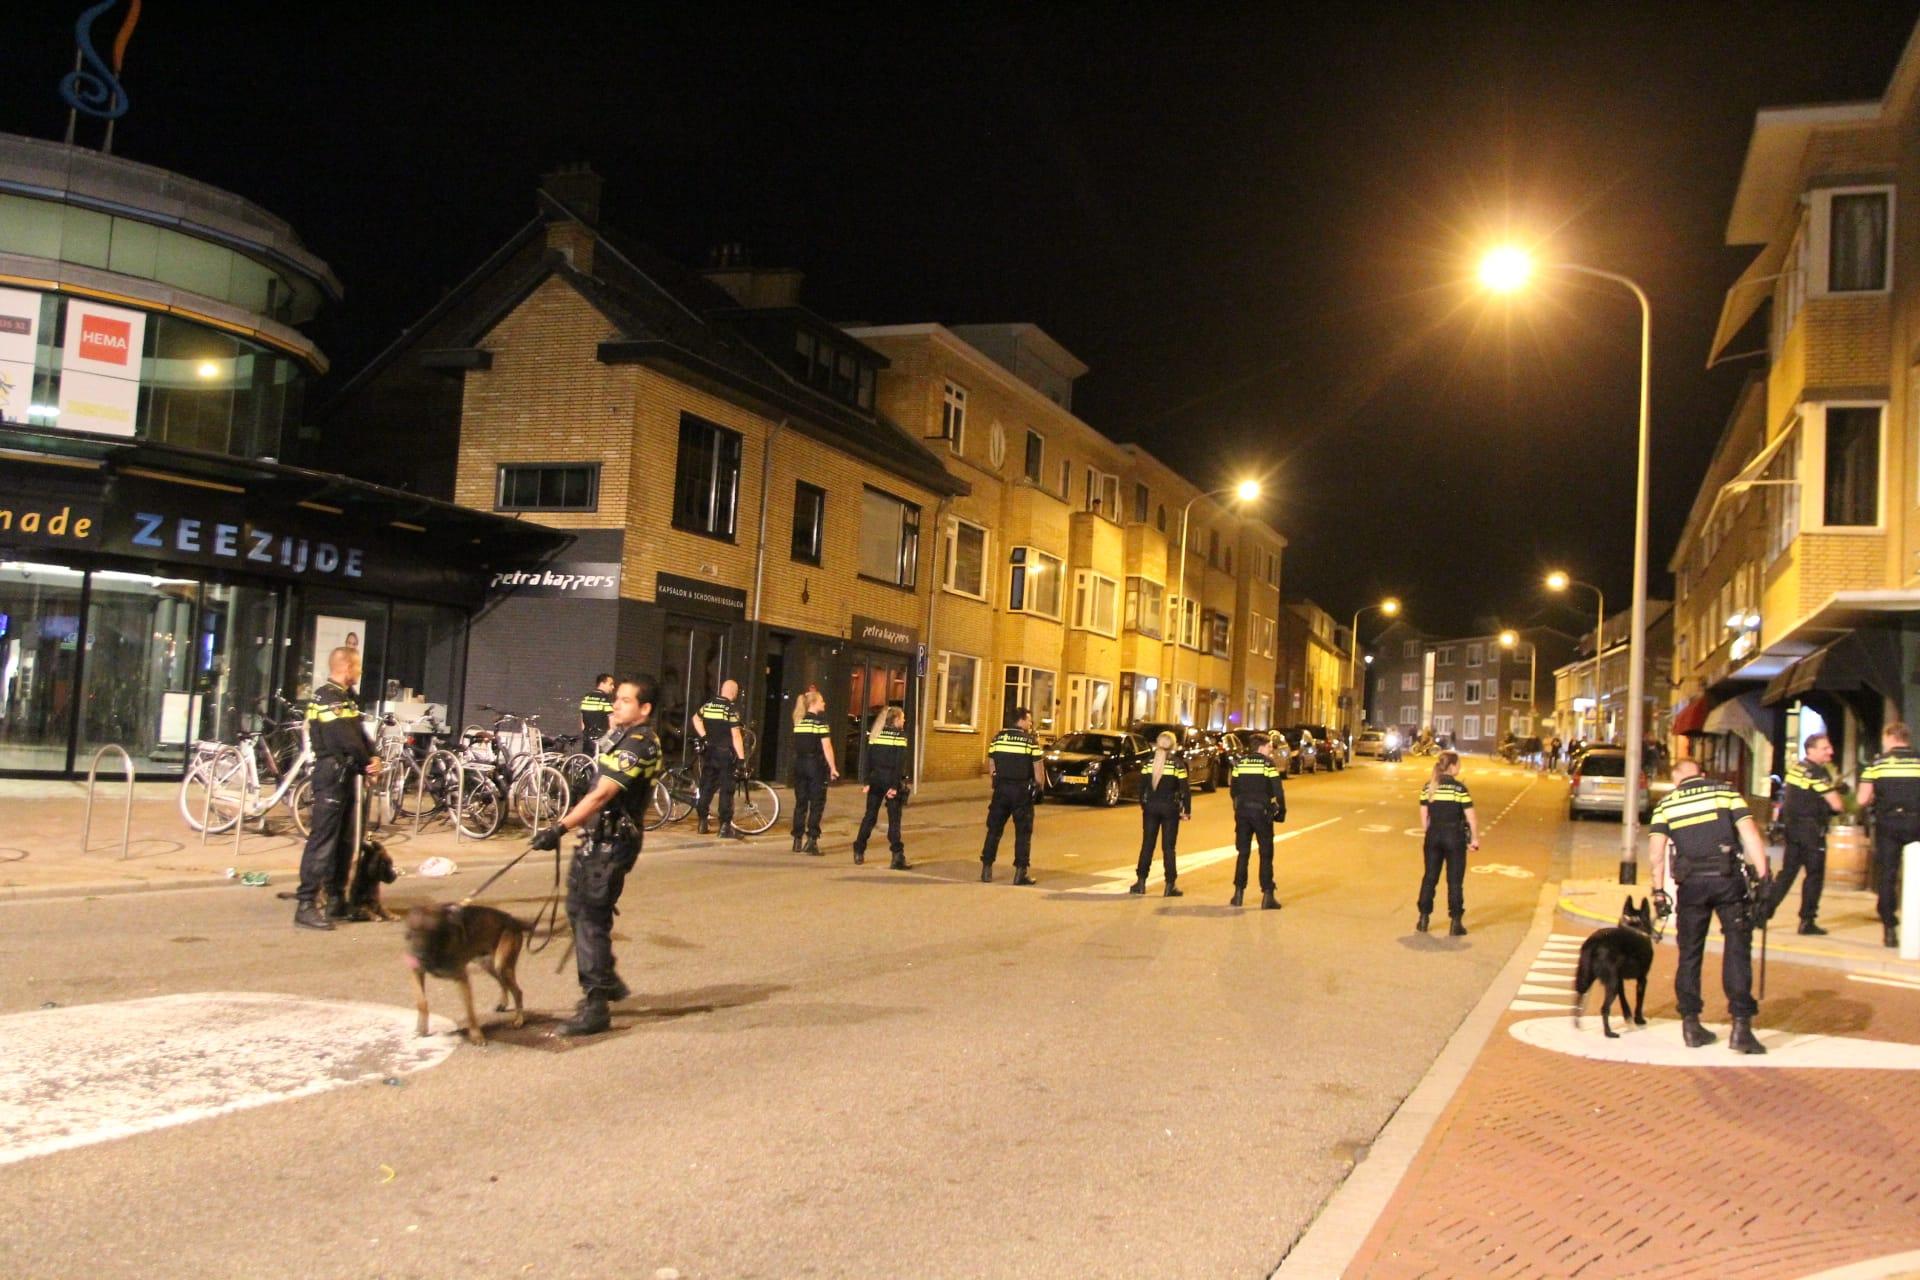 Burgemeester grijpt in na onrust centrum; extra toezicht en gebiedsverboden - RTV Katwijk